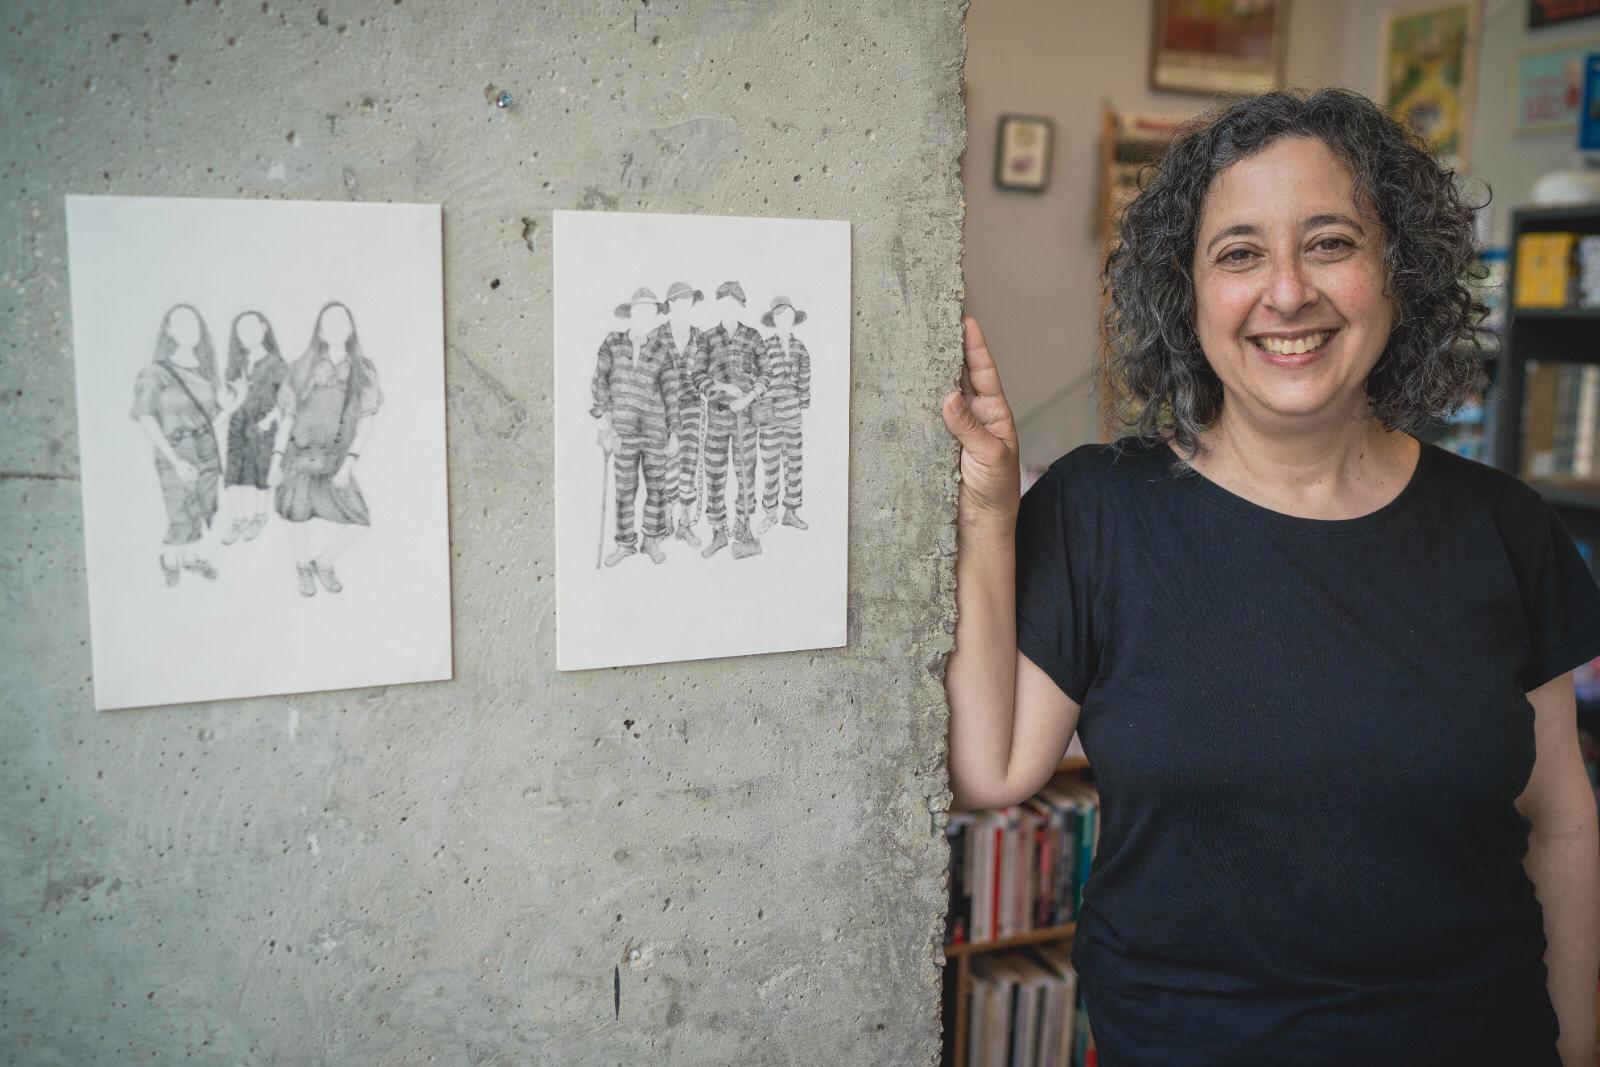 מזג אוויר אביבי, קהילה וקולטורה. רונה יצחקי, בעלת הבית של חנות הספרים מגדלור עם קצת אמנות (צילום: אילן ספירא)